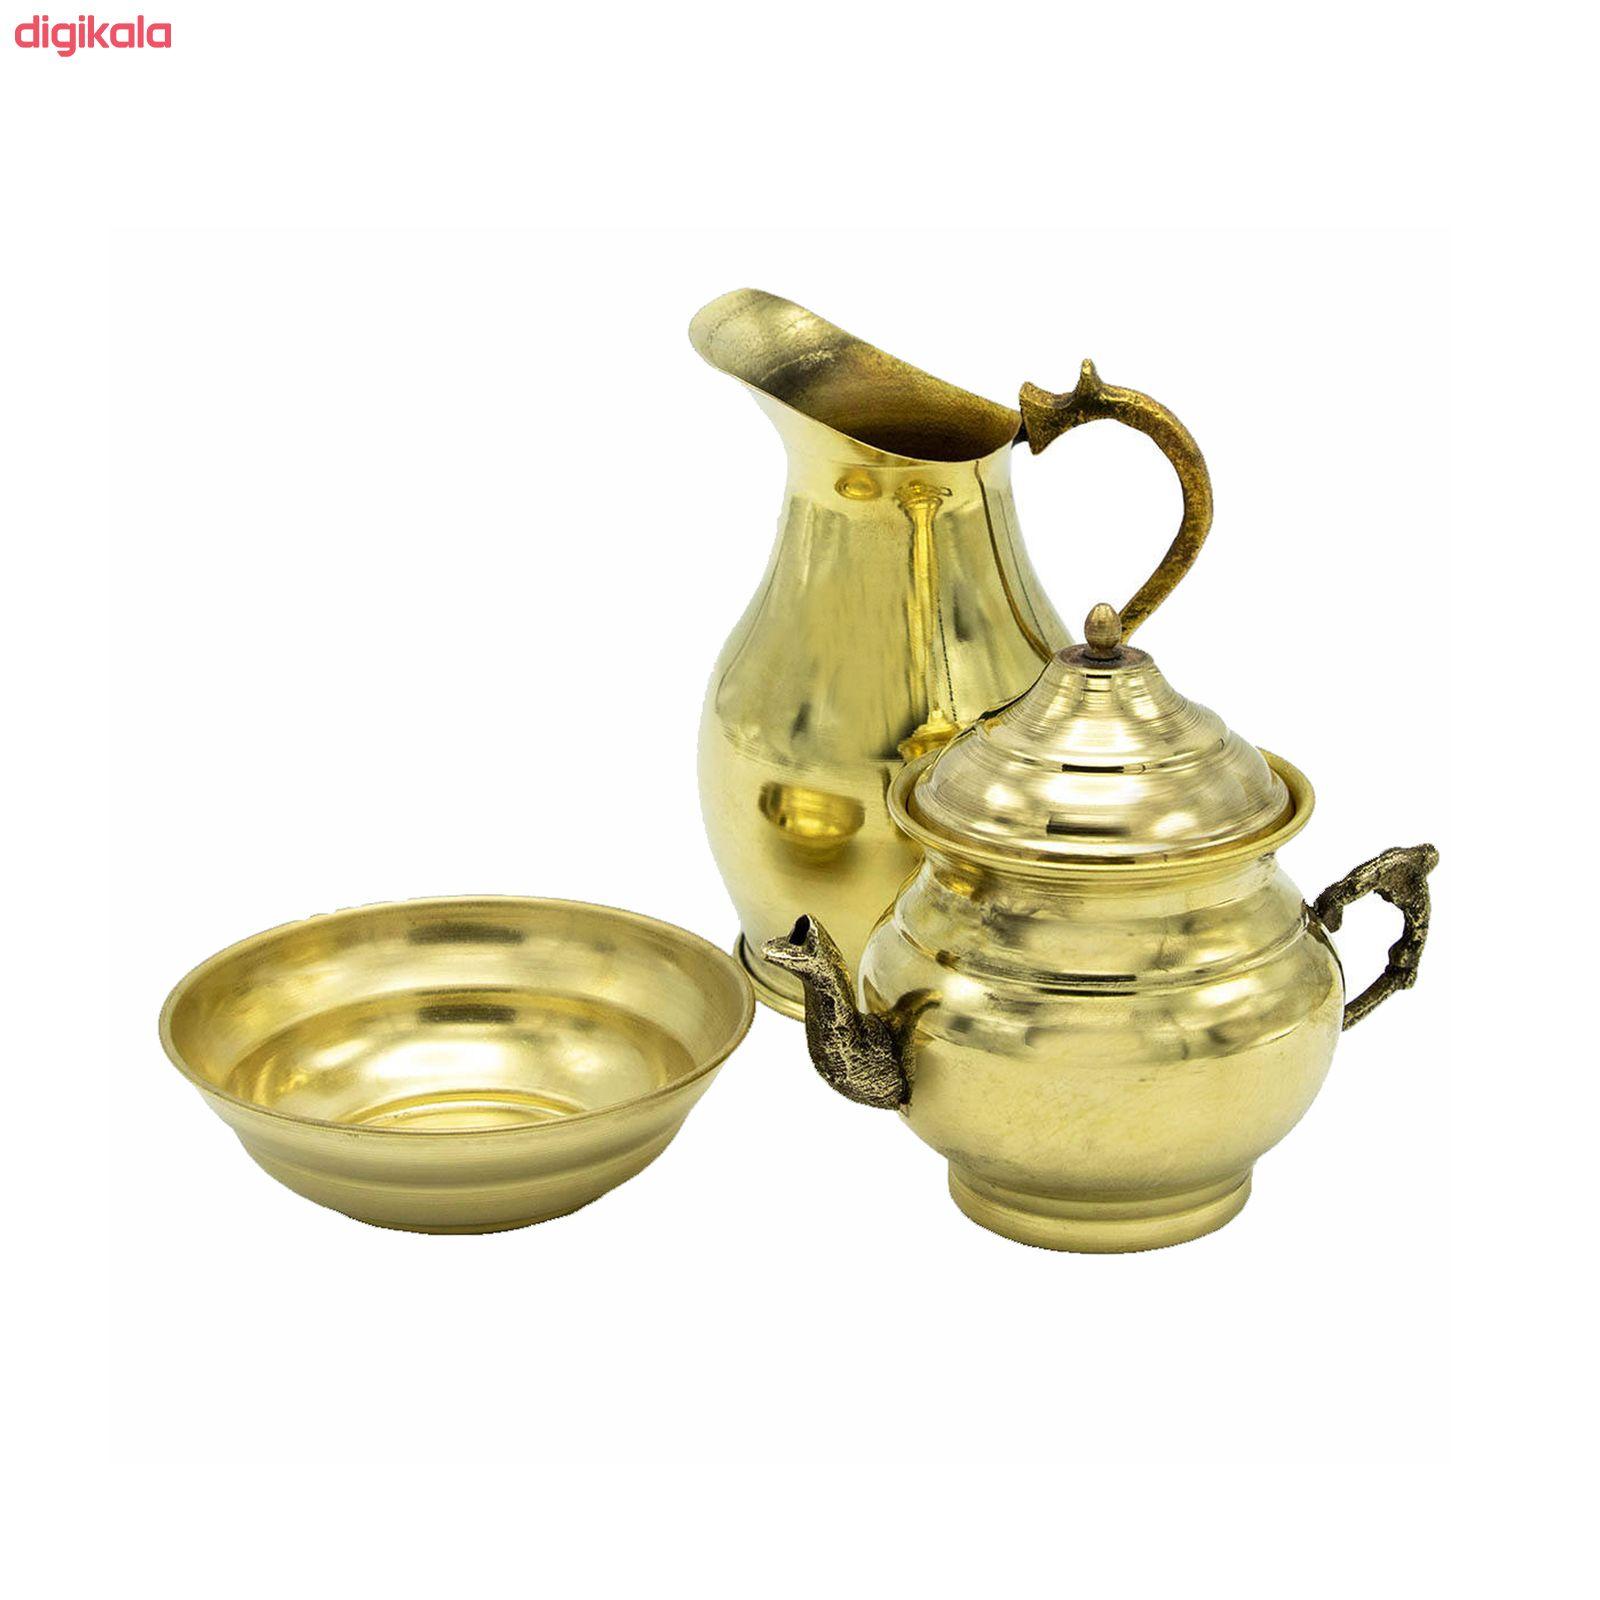 سرویس چای خوری 3 پارچه مدل برنجی کد 24741 main 1 1